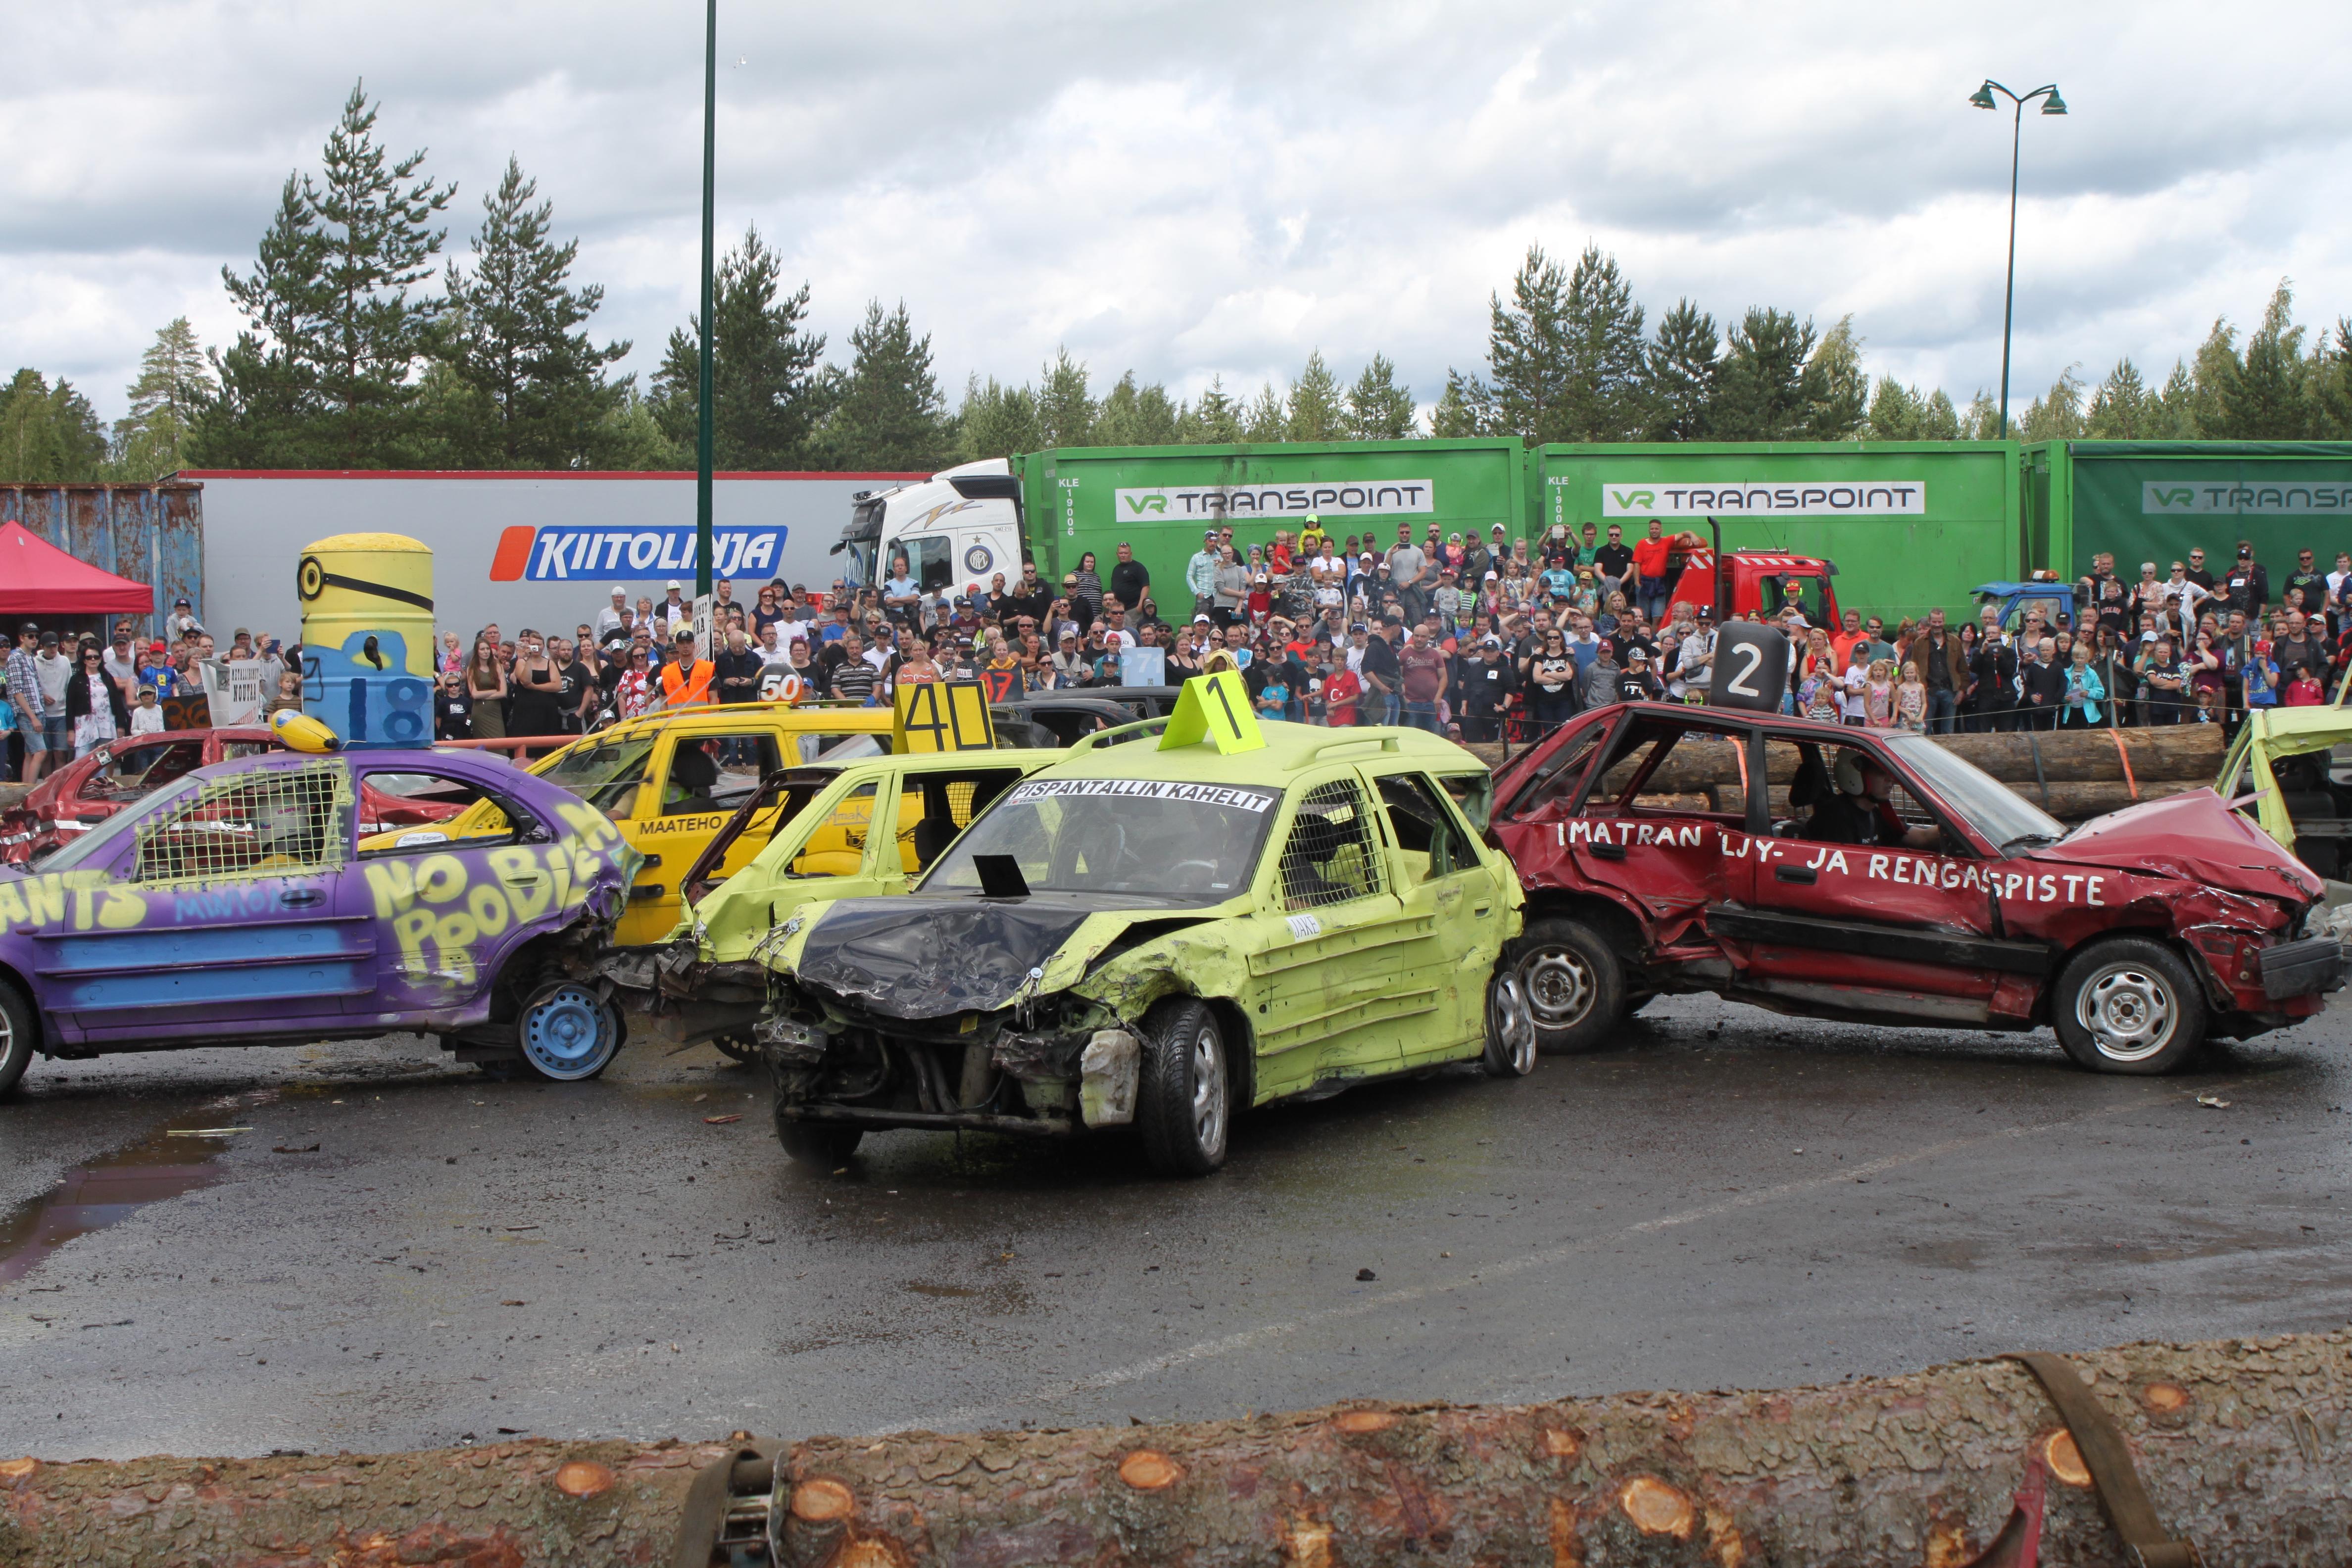 Romurallissa toisia autoja pyritään vahingoittamaan ja usein tämä tapahtuu peruuttamalla niitä päin. Näin oma auto ei kärsi niin suuria vahinkoja kuin jos toiseen autoon törmäisi moottoripää edellä.  Kuva: Annika Eronen